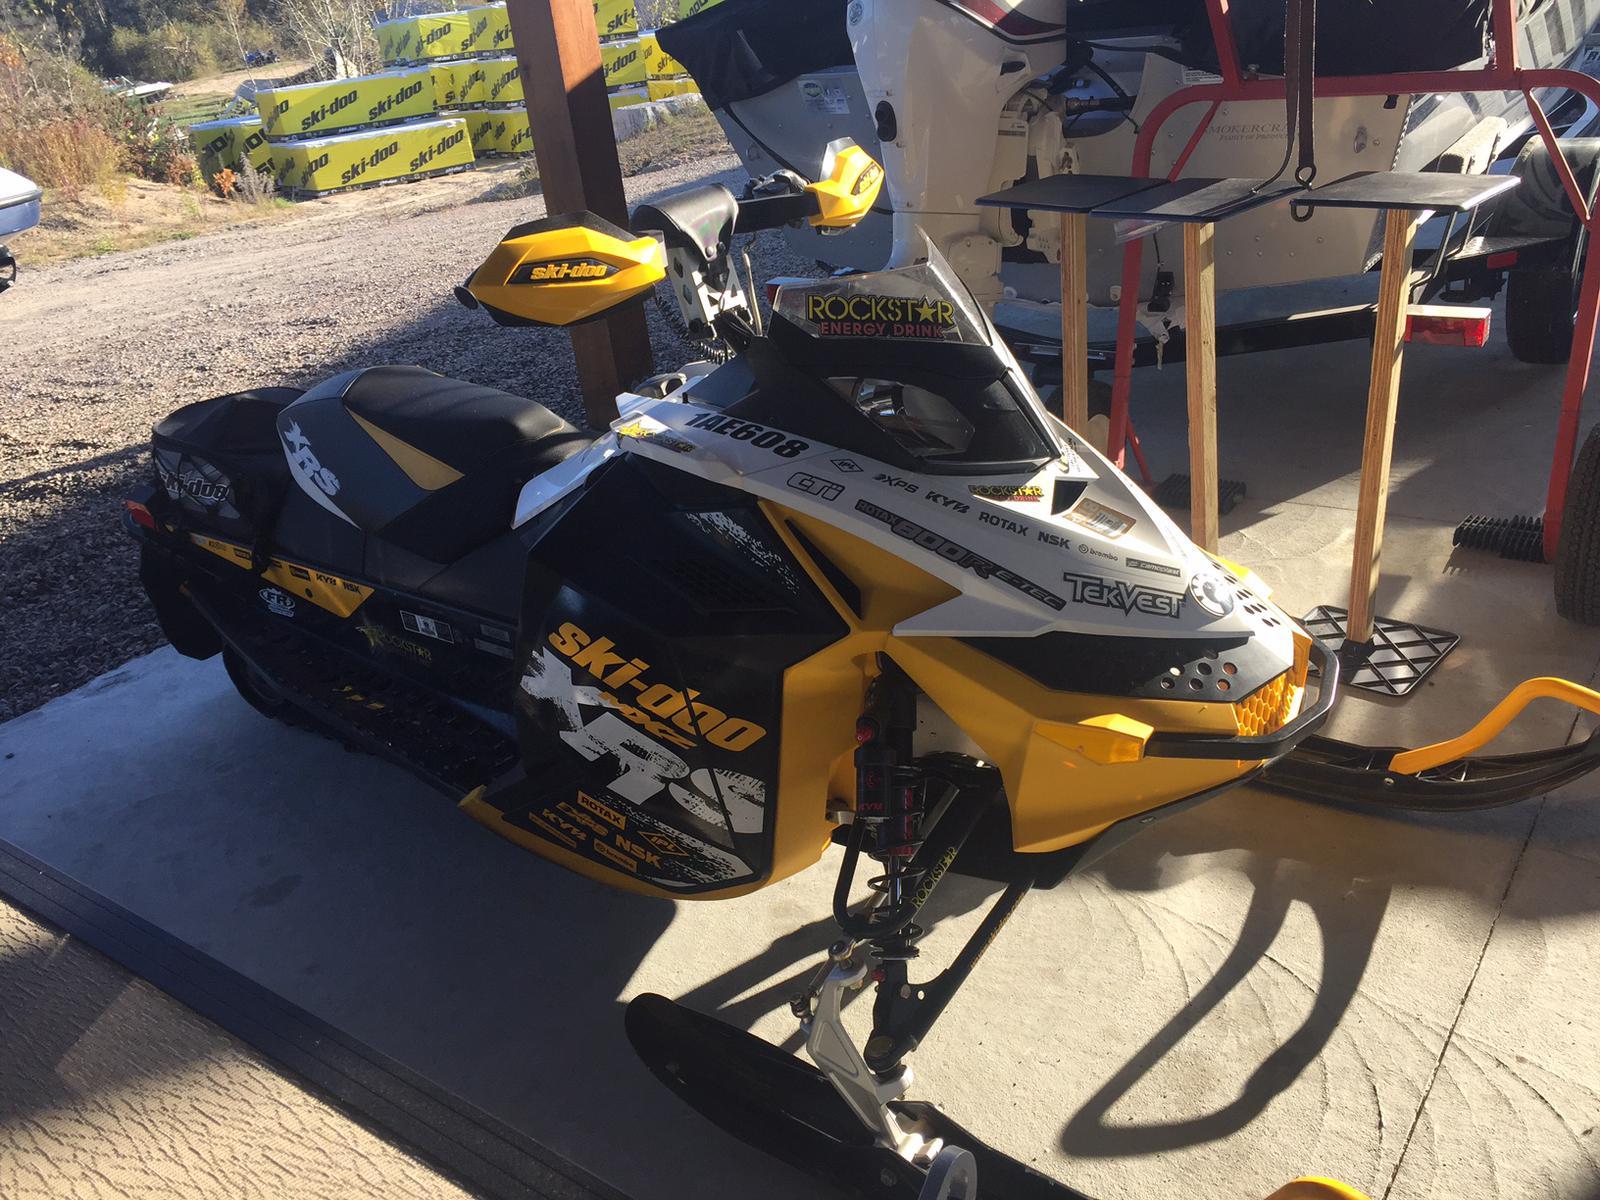 2011 Ski Doo MXZ XRS 800 E-TEC | 1 of 2